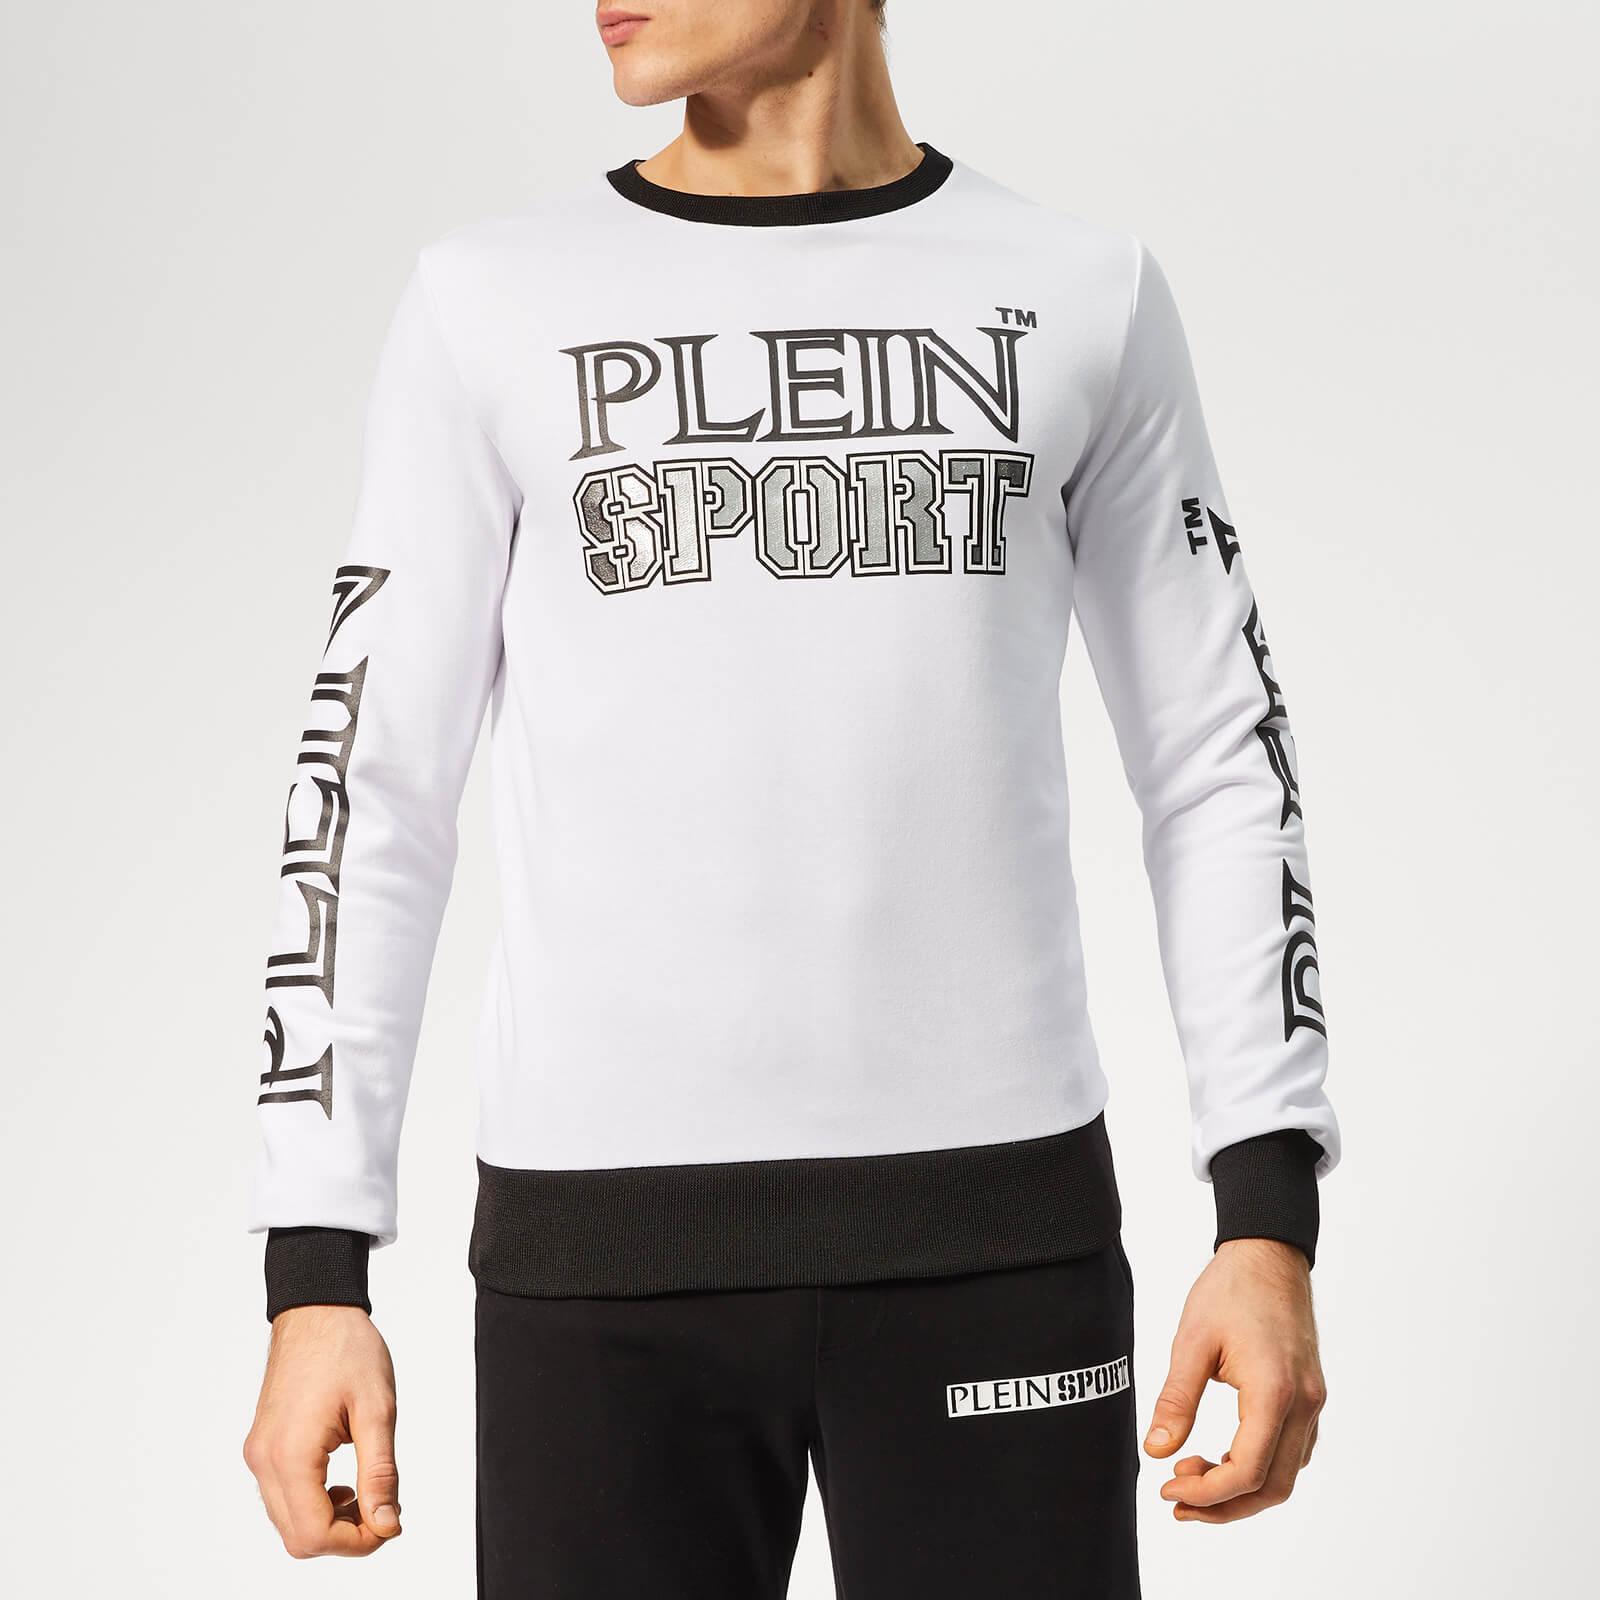 Plein Sport Men's Statement Sweatshirt - White/Silver - XL - White/Silver